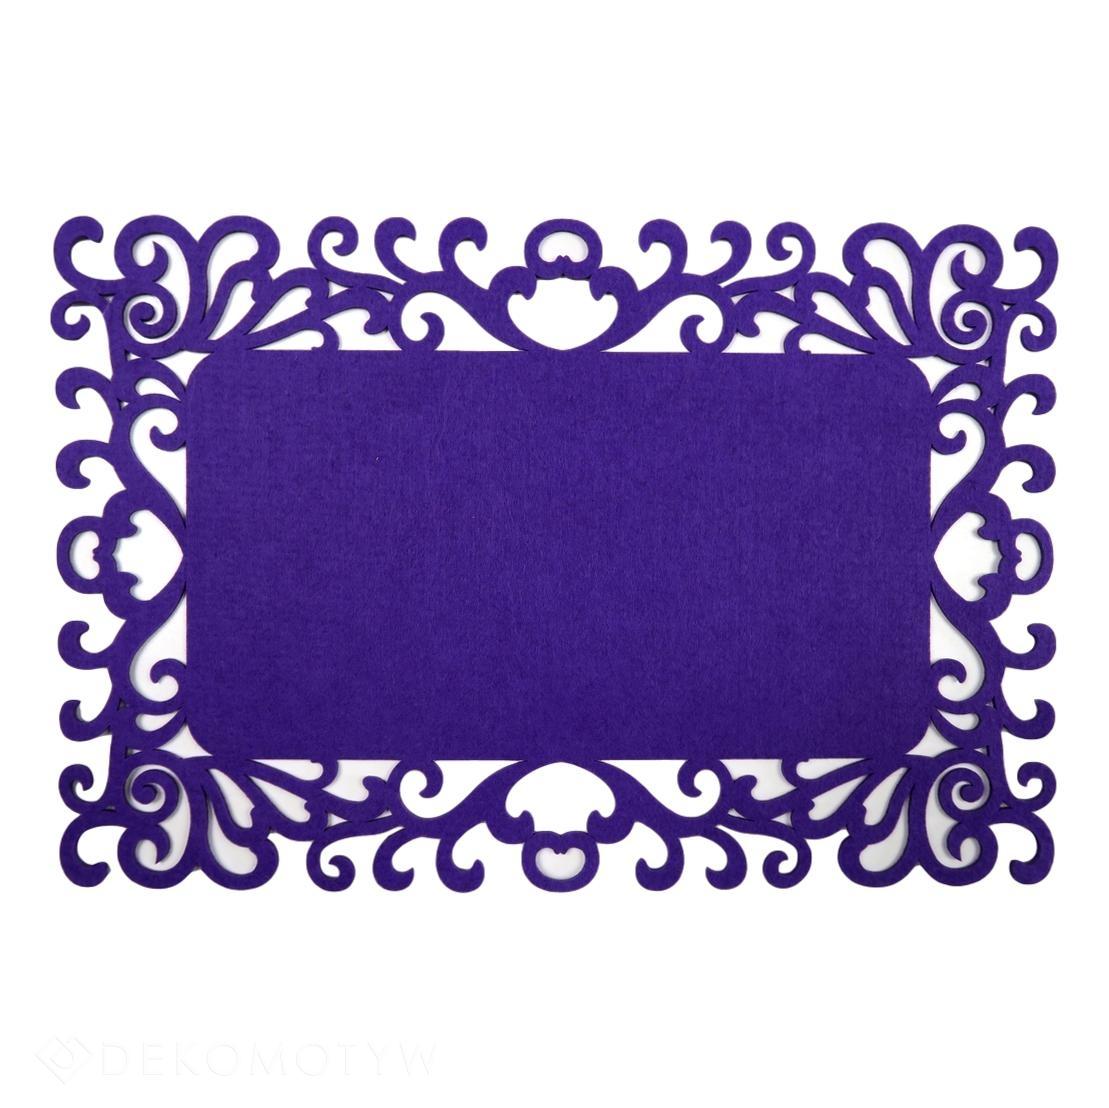 Podkładka Mata Na Stół Filc Ornament Fiolet 5548 Dekomotyw